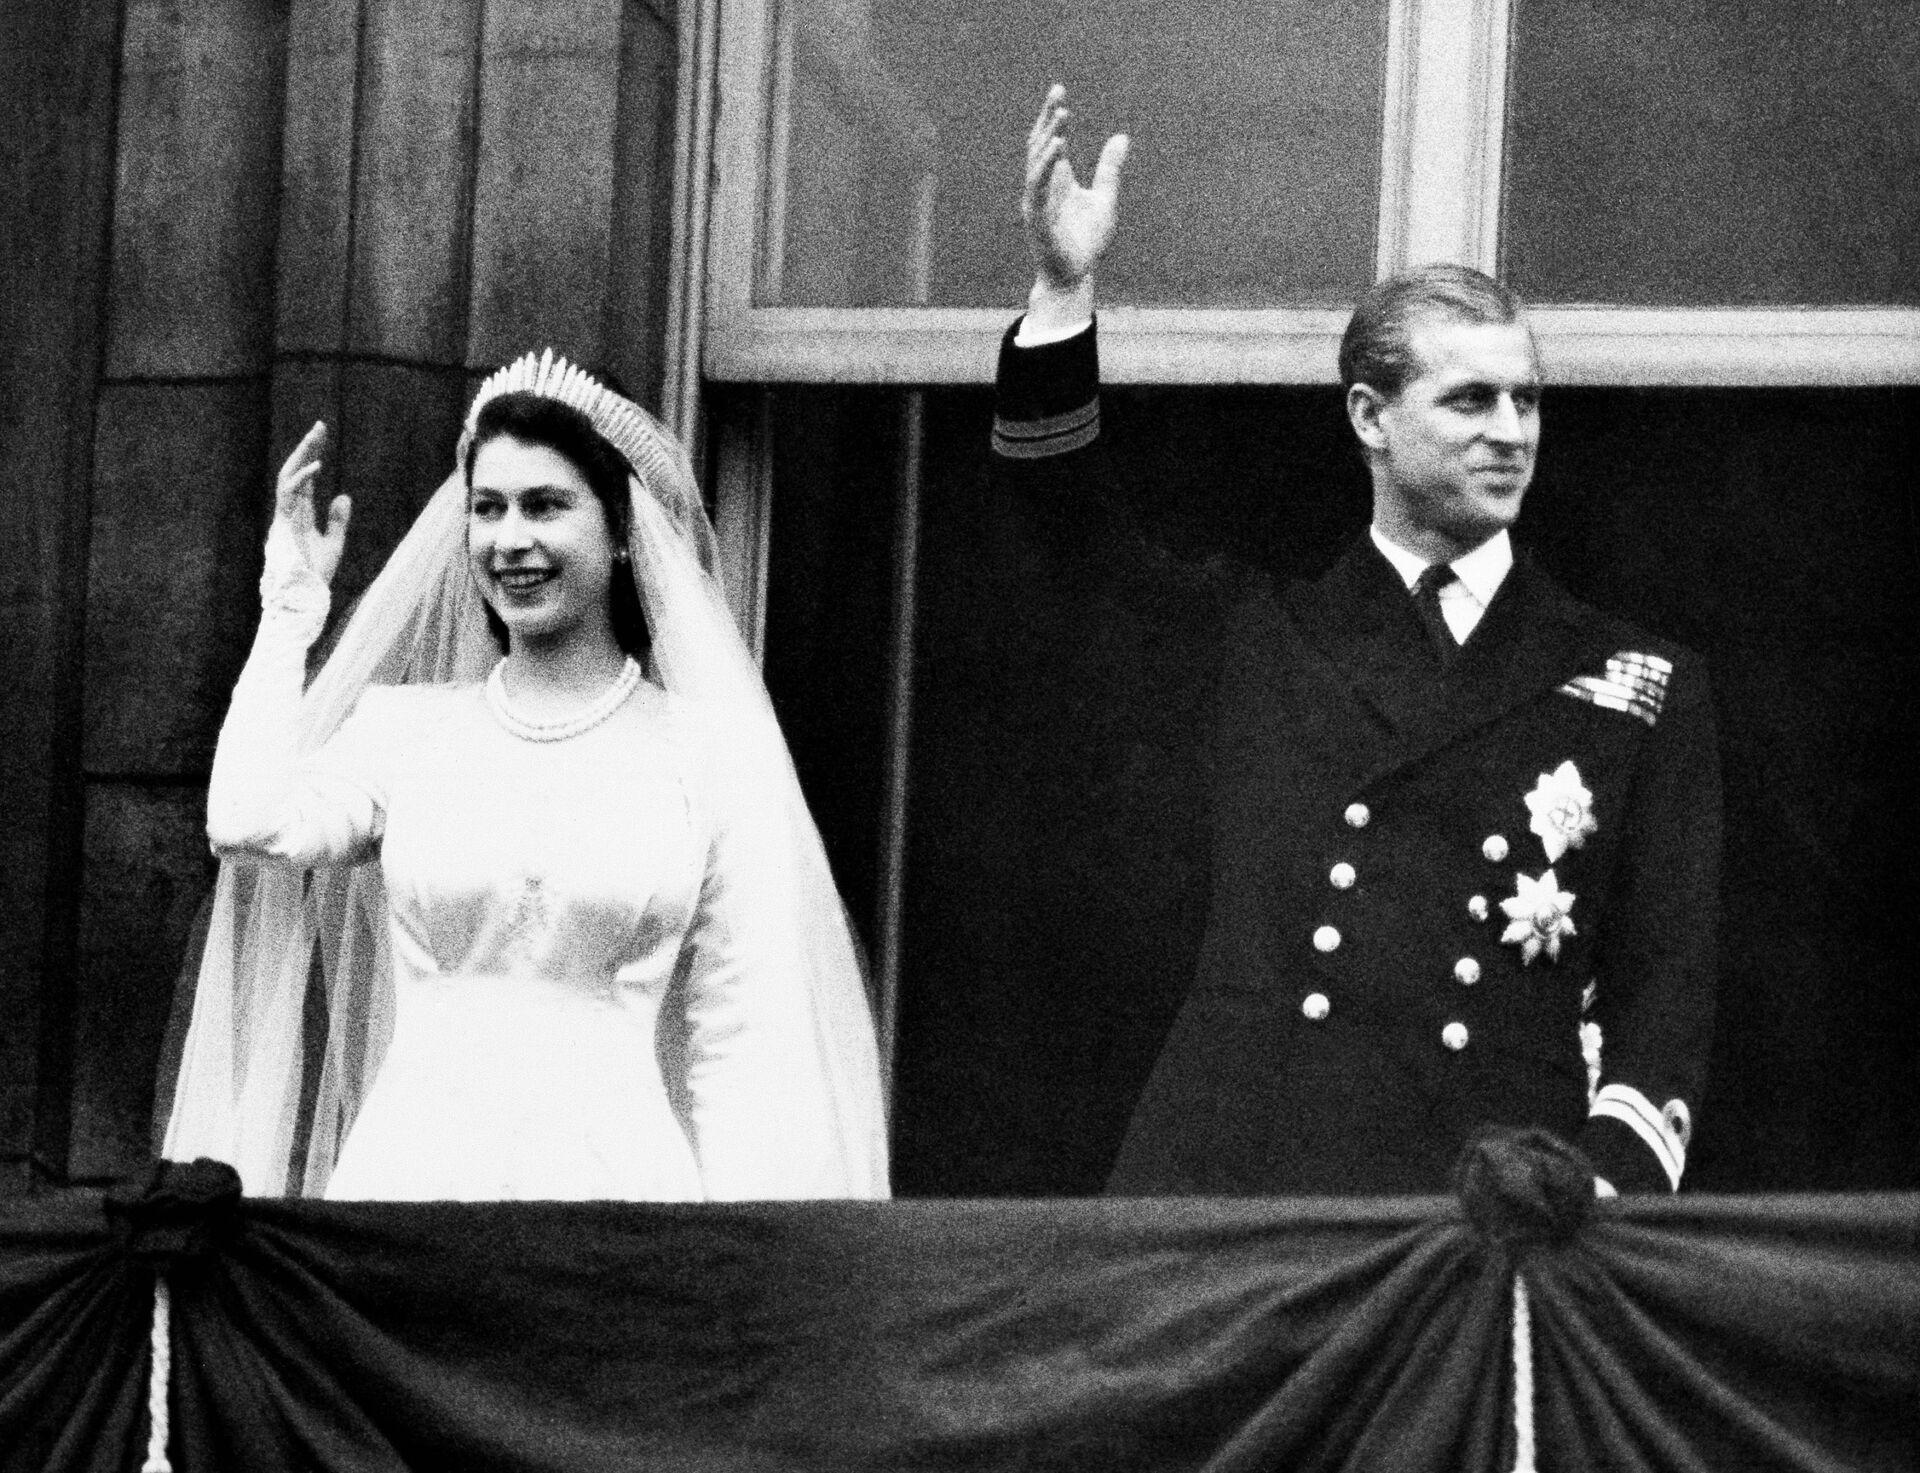 La regina Elisabetta II e il principe Filippo durante il giorno delle loro nozze, 1947 - Sputnik Italia, 1920, 18.05.2021